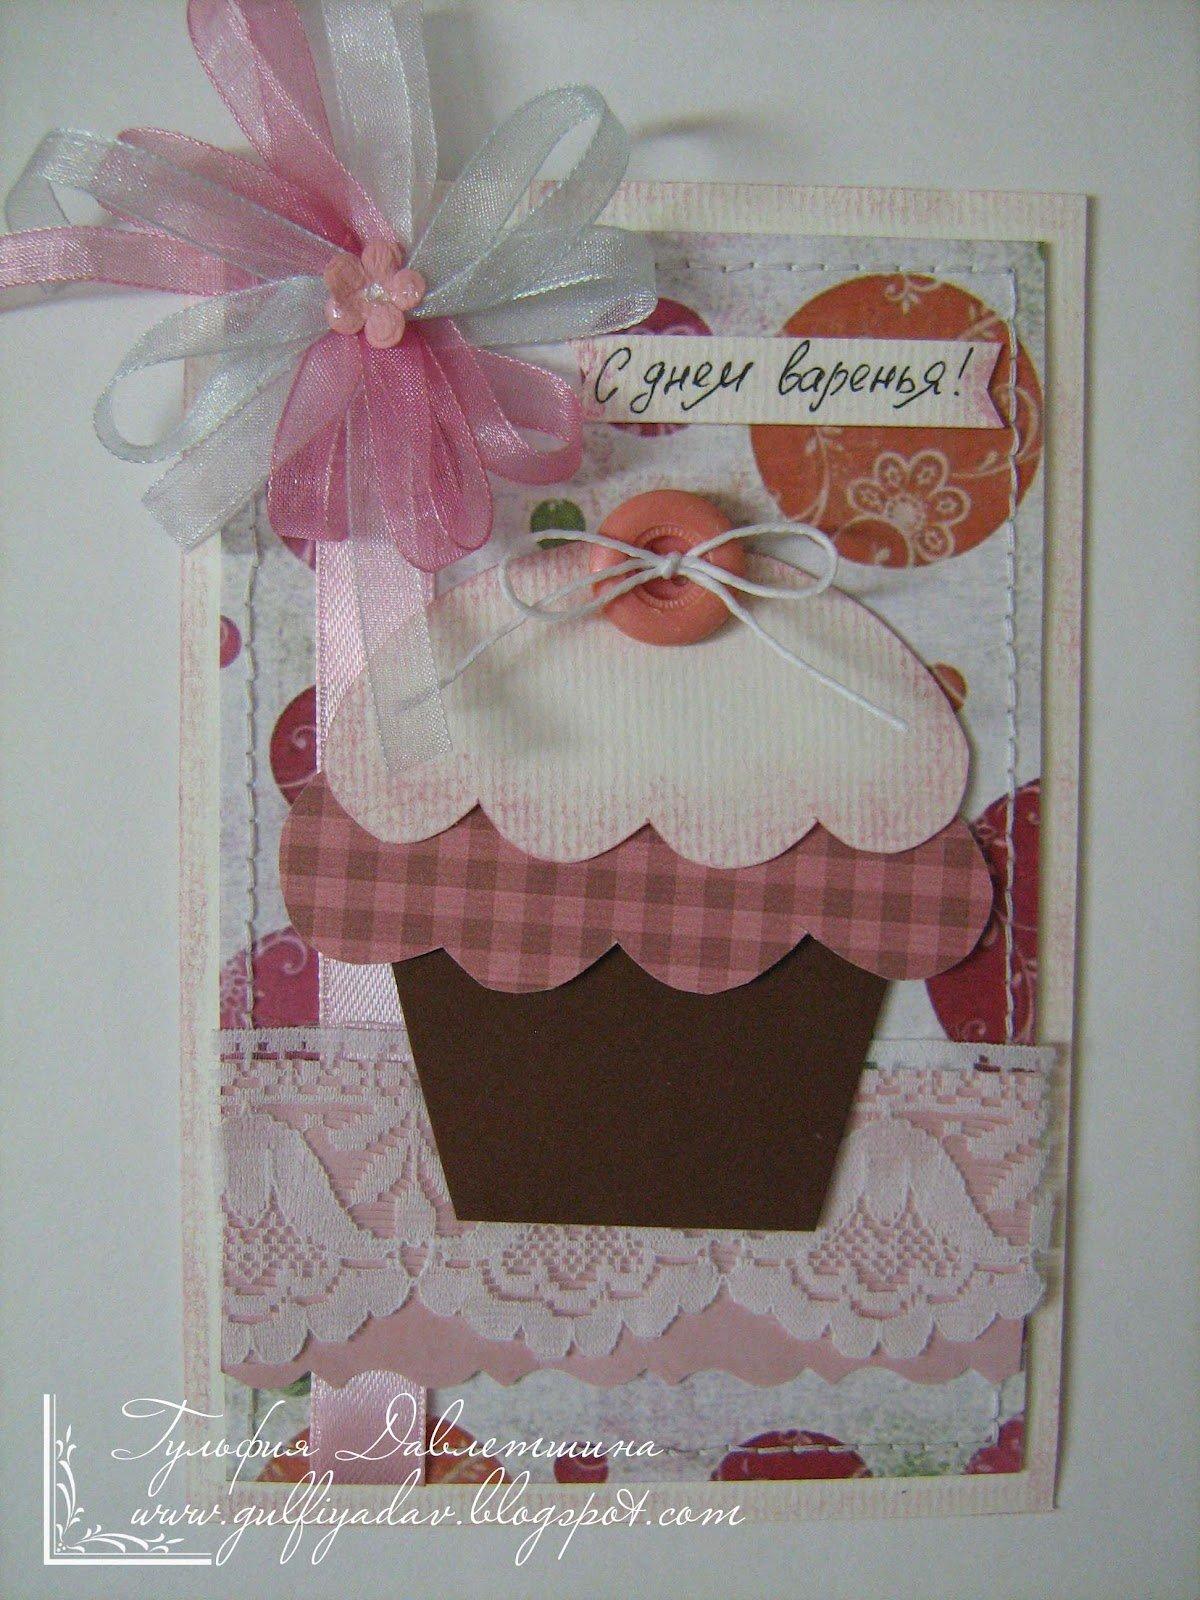 Открытка для тети на день рождения от племянницы своими руками